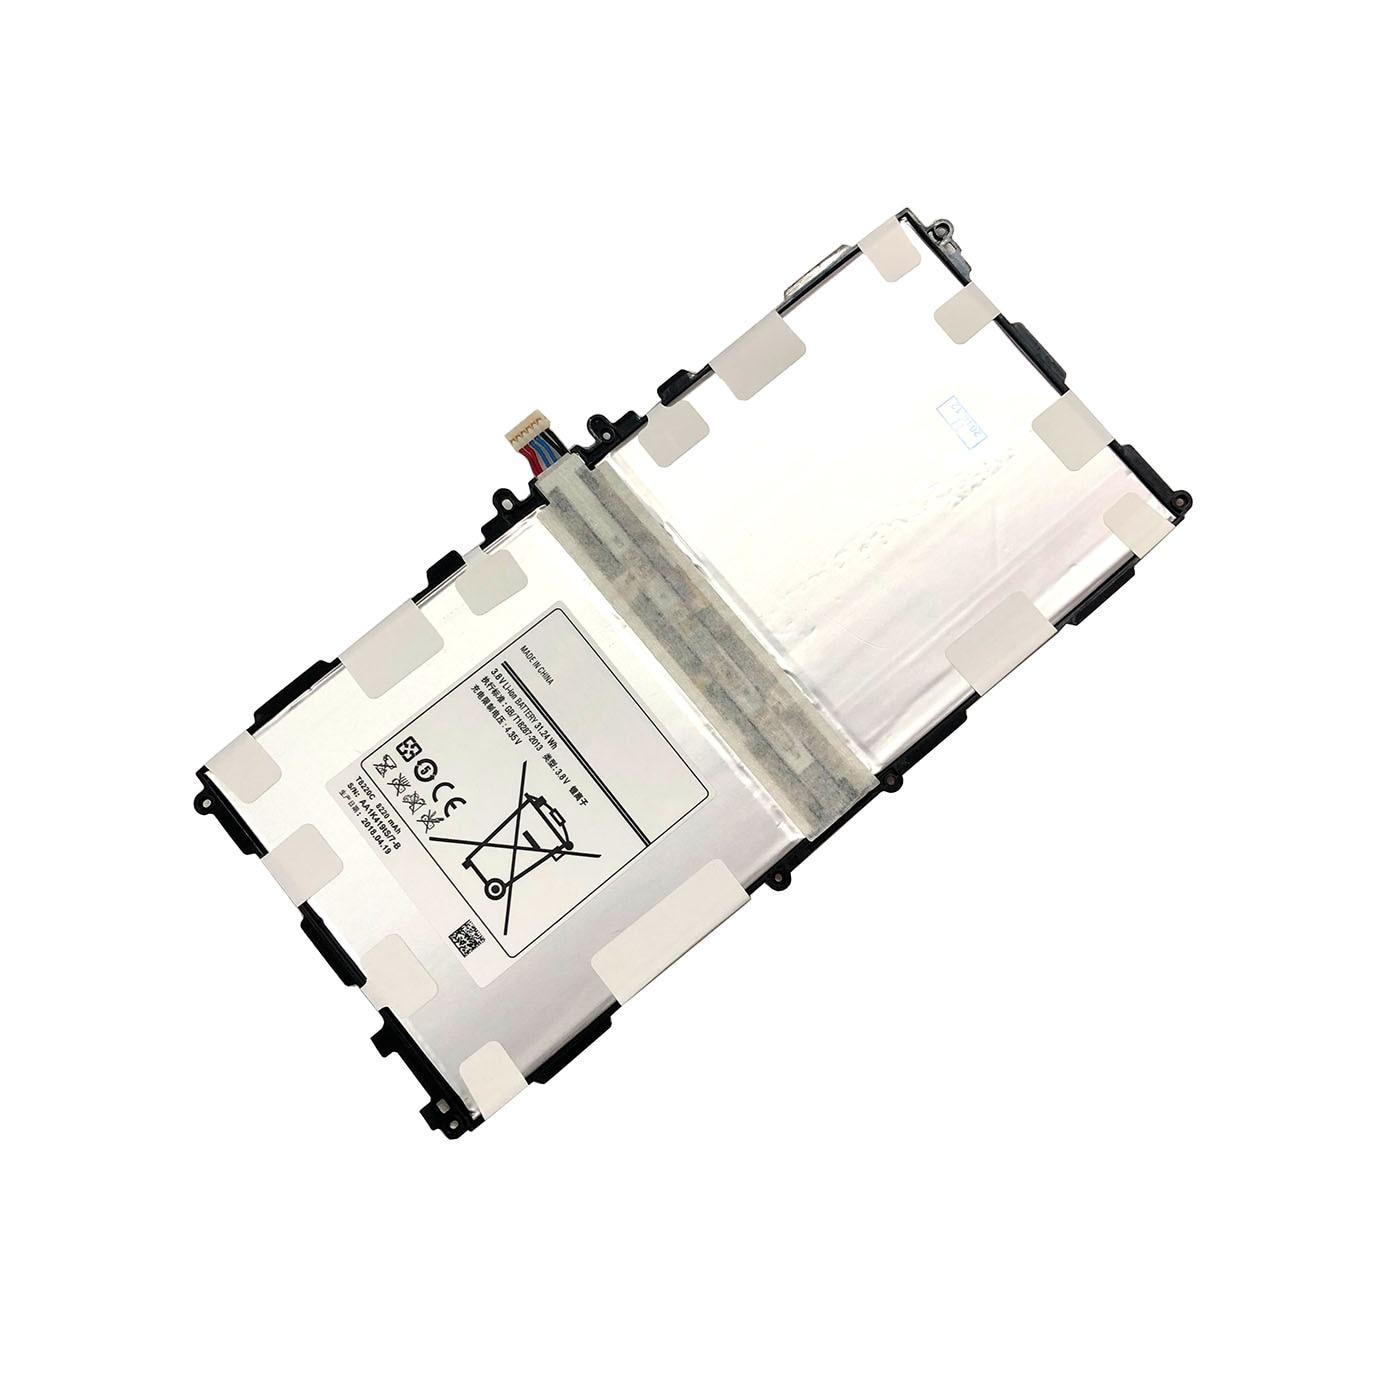 T8220E Tablets Bateria de Substituição Para Samsung Galaxy Note 10.1 2014 Edição SM-P601 P600 T520 P601 P605 P607 8220mAh Reais